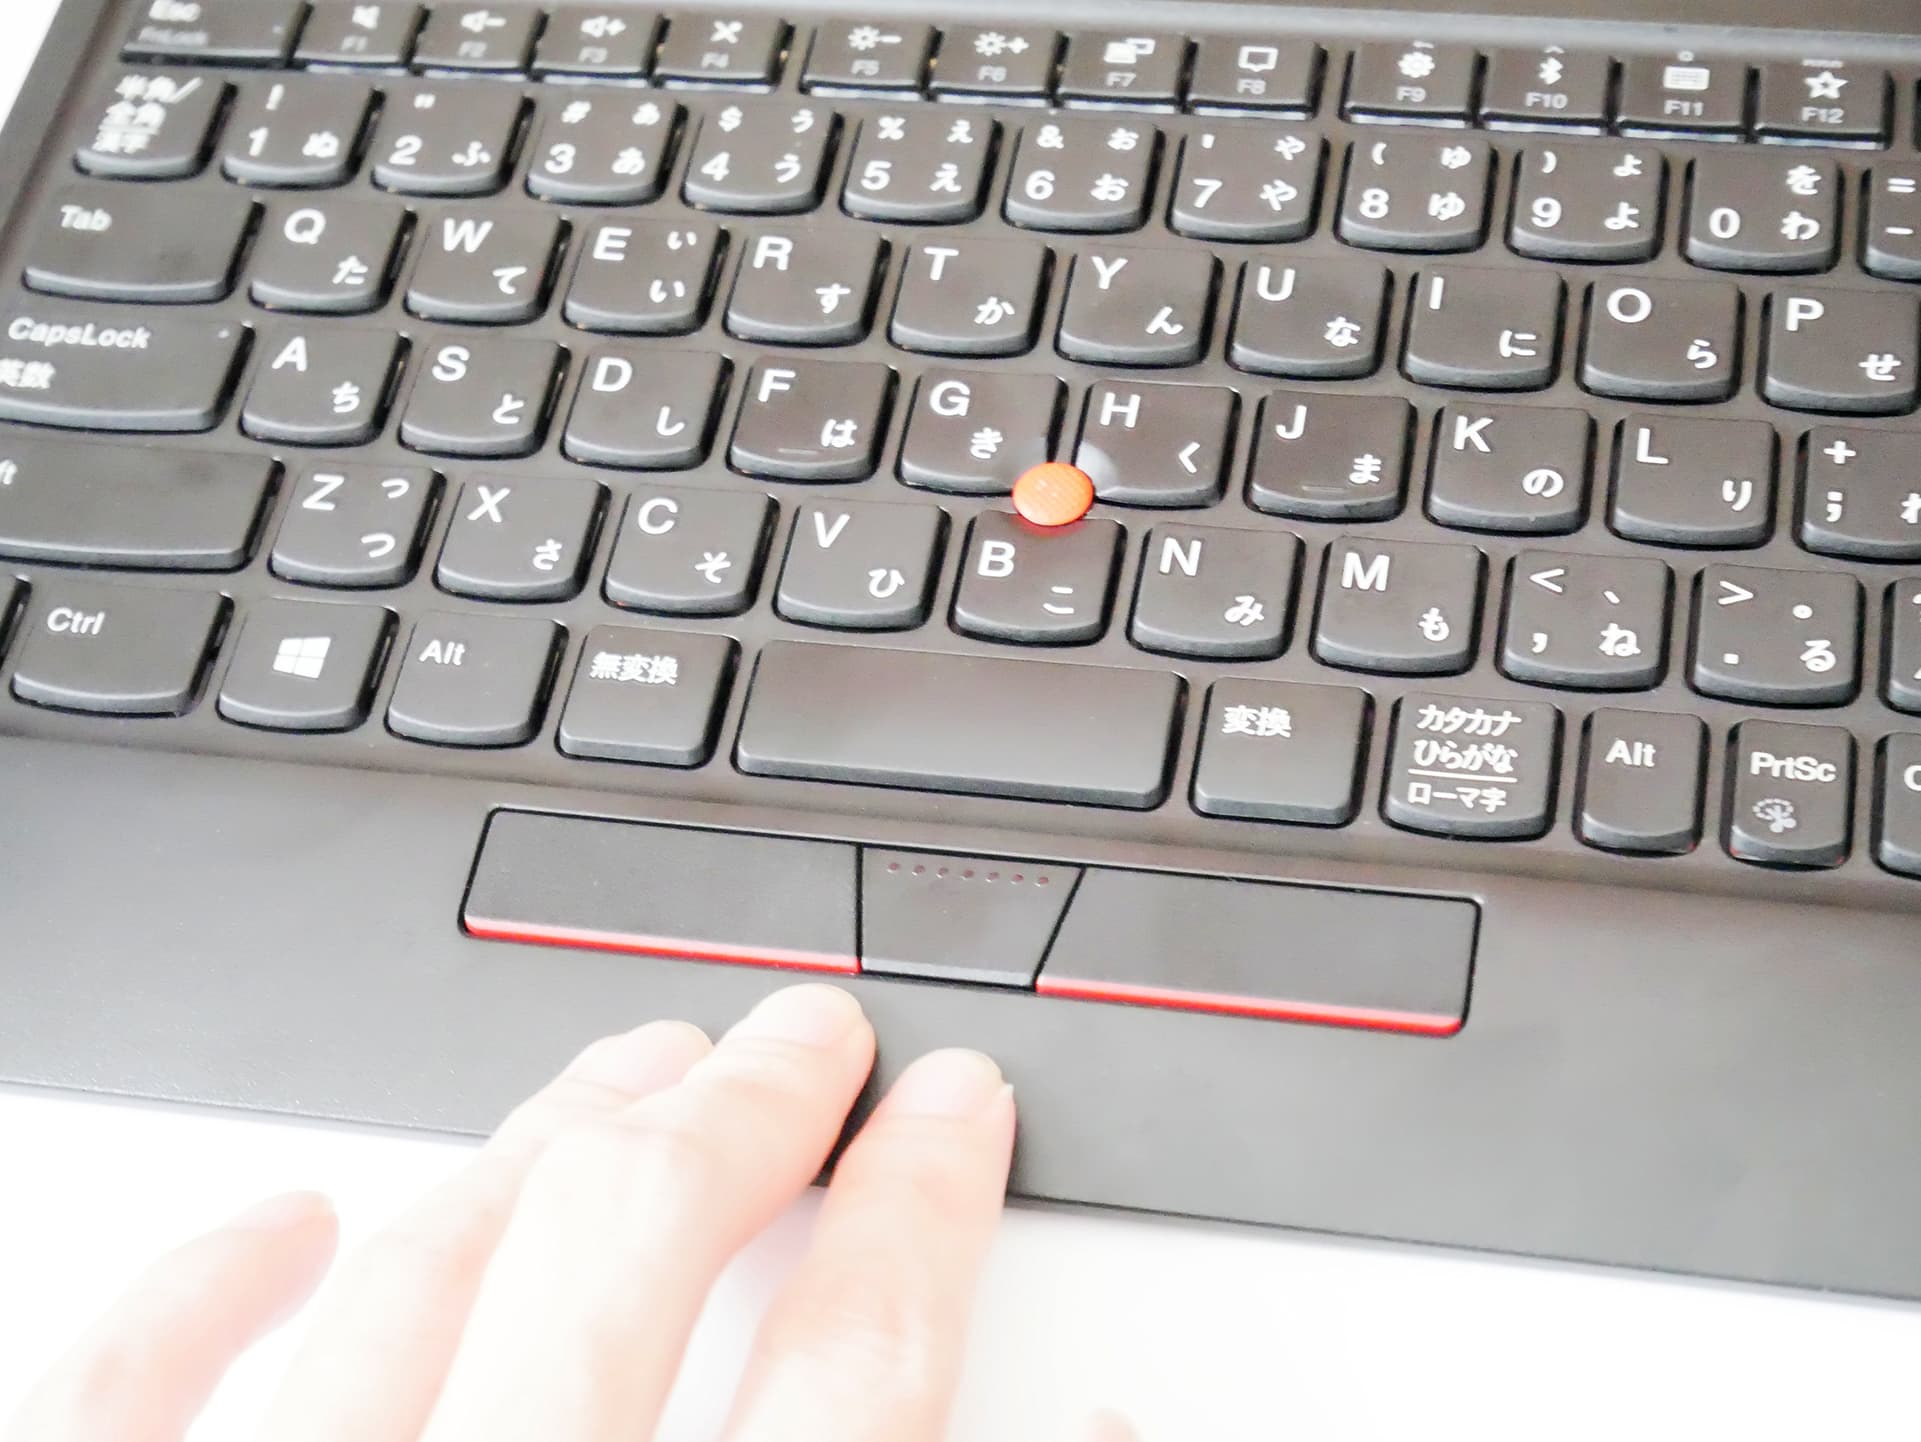 キーボードの中央部分を手で押している様子